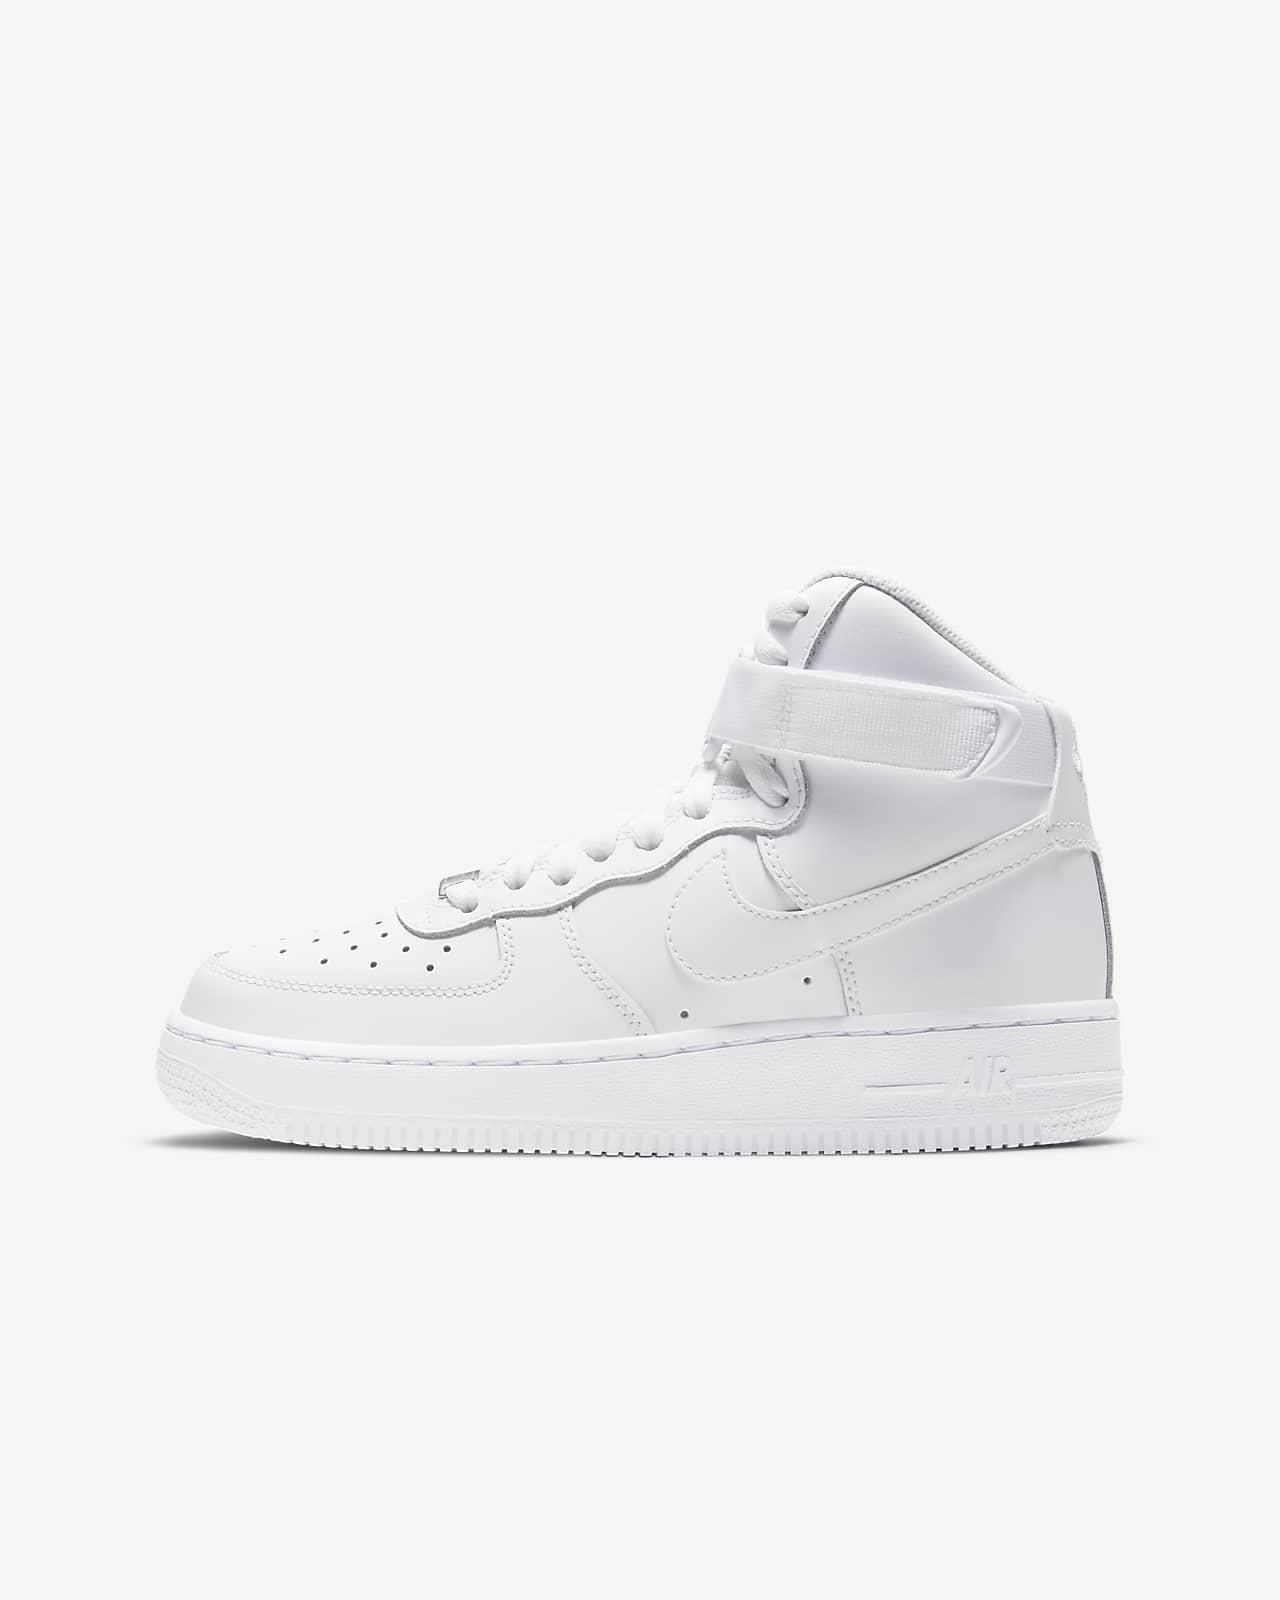 Nike Air Force 1 High LE Big Kids' Shoe